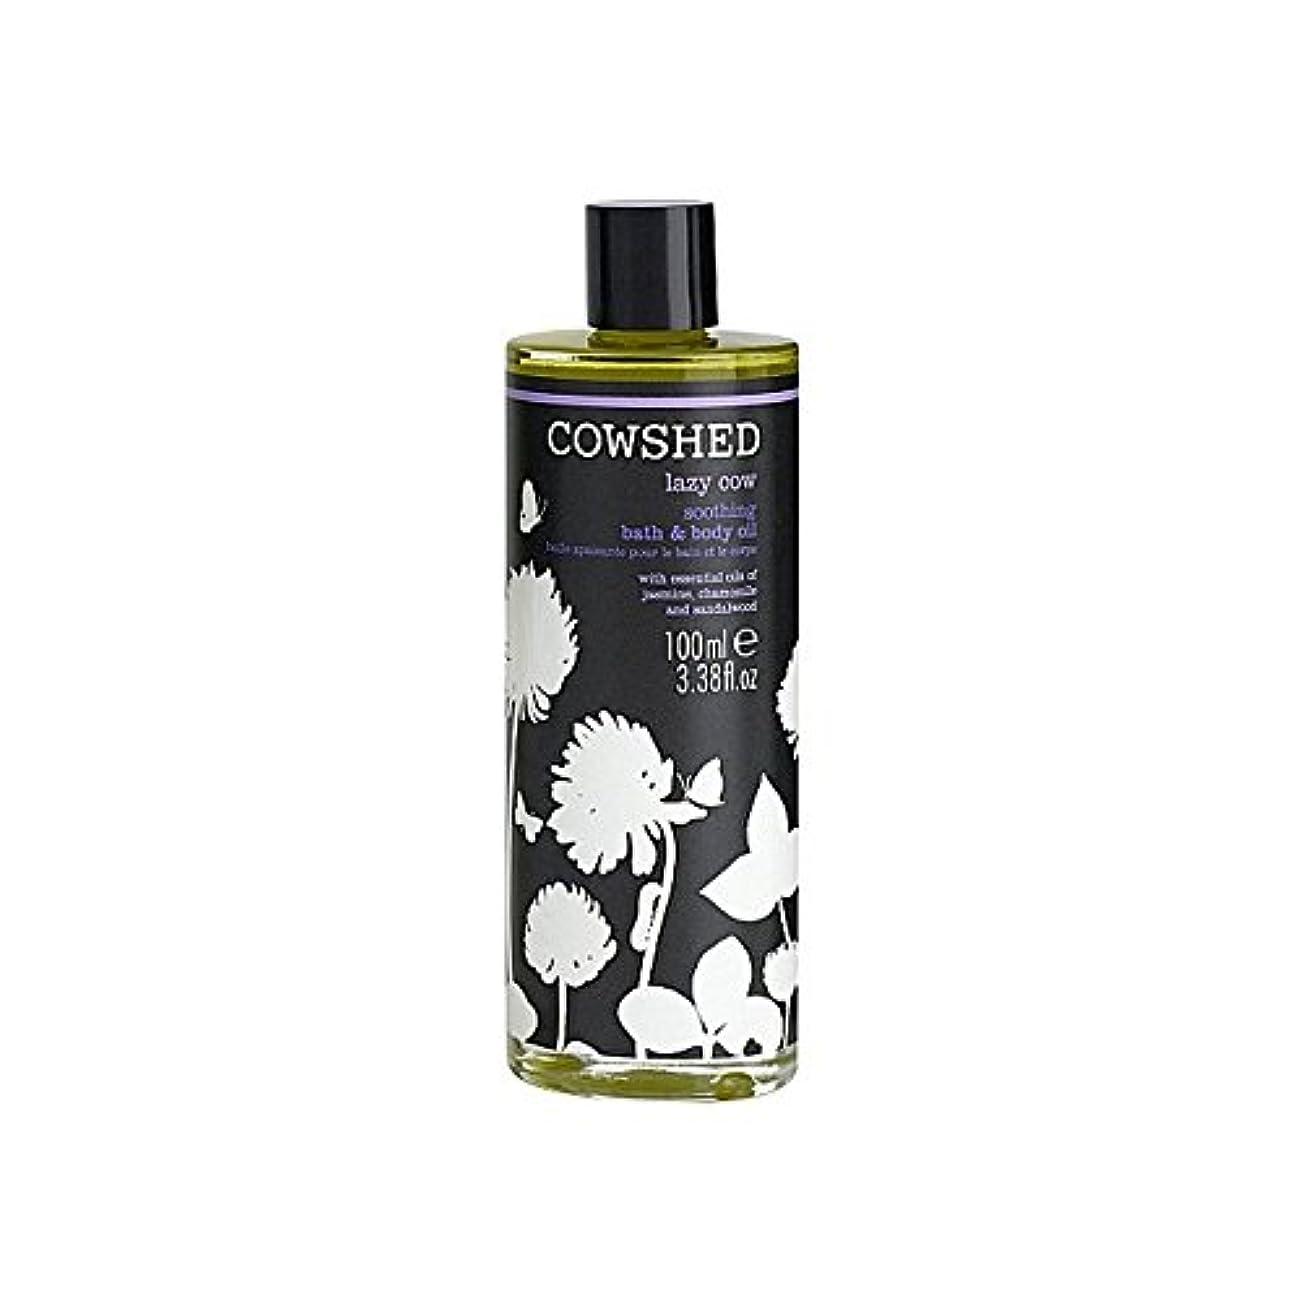 トロピカルすでに数学的なCowshed Lazy Cow Soothing Bath & Body Oil 100ml - バス&ボディオイル100ミリリットルをなだめる牛舎怠惰な牛 [並行輸入品]